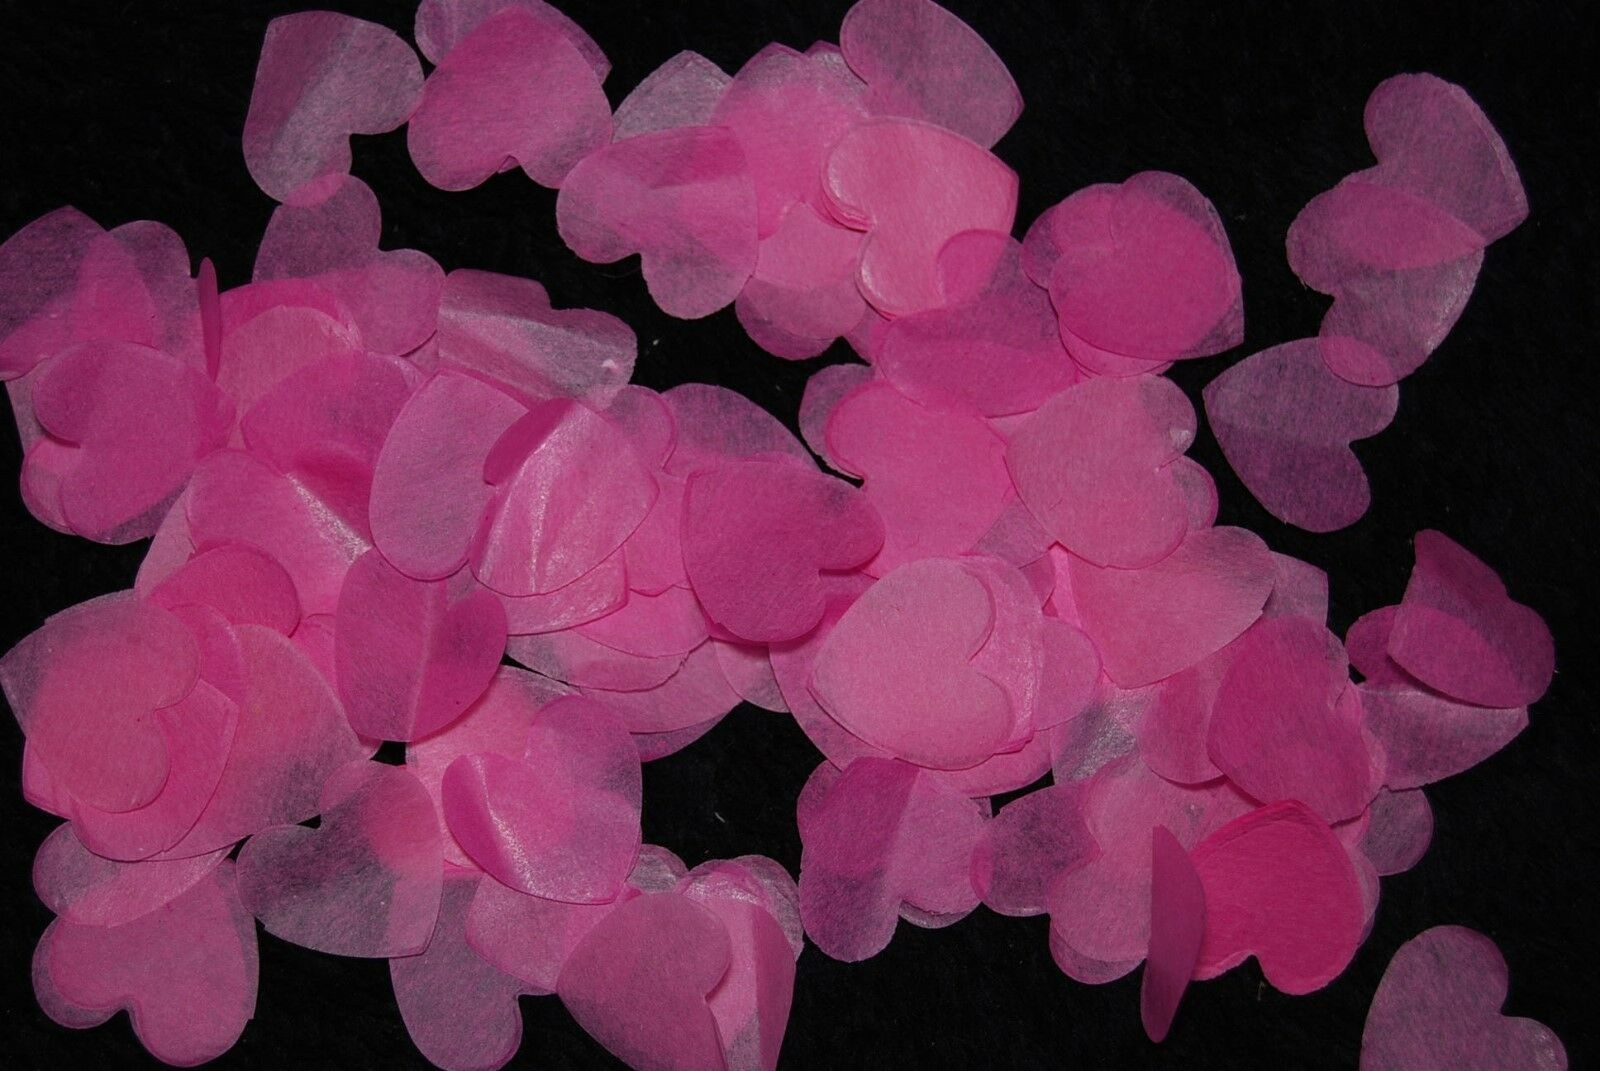 HOT rosa Rosso Ciliegia aggiungere Diverdeente Coriandoli-Amore Cuore bio-degradabili aggiungere Ciliegia coni fd0ecc